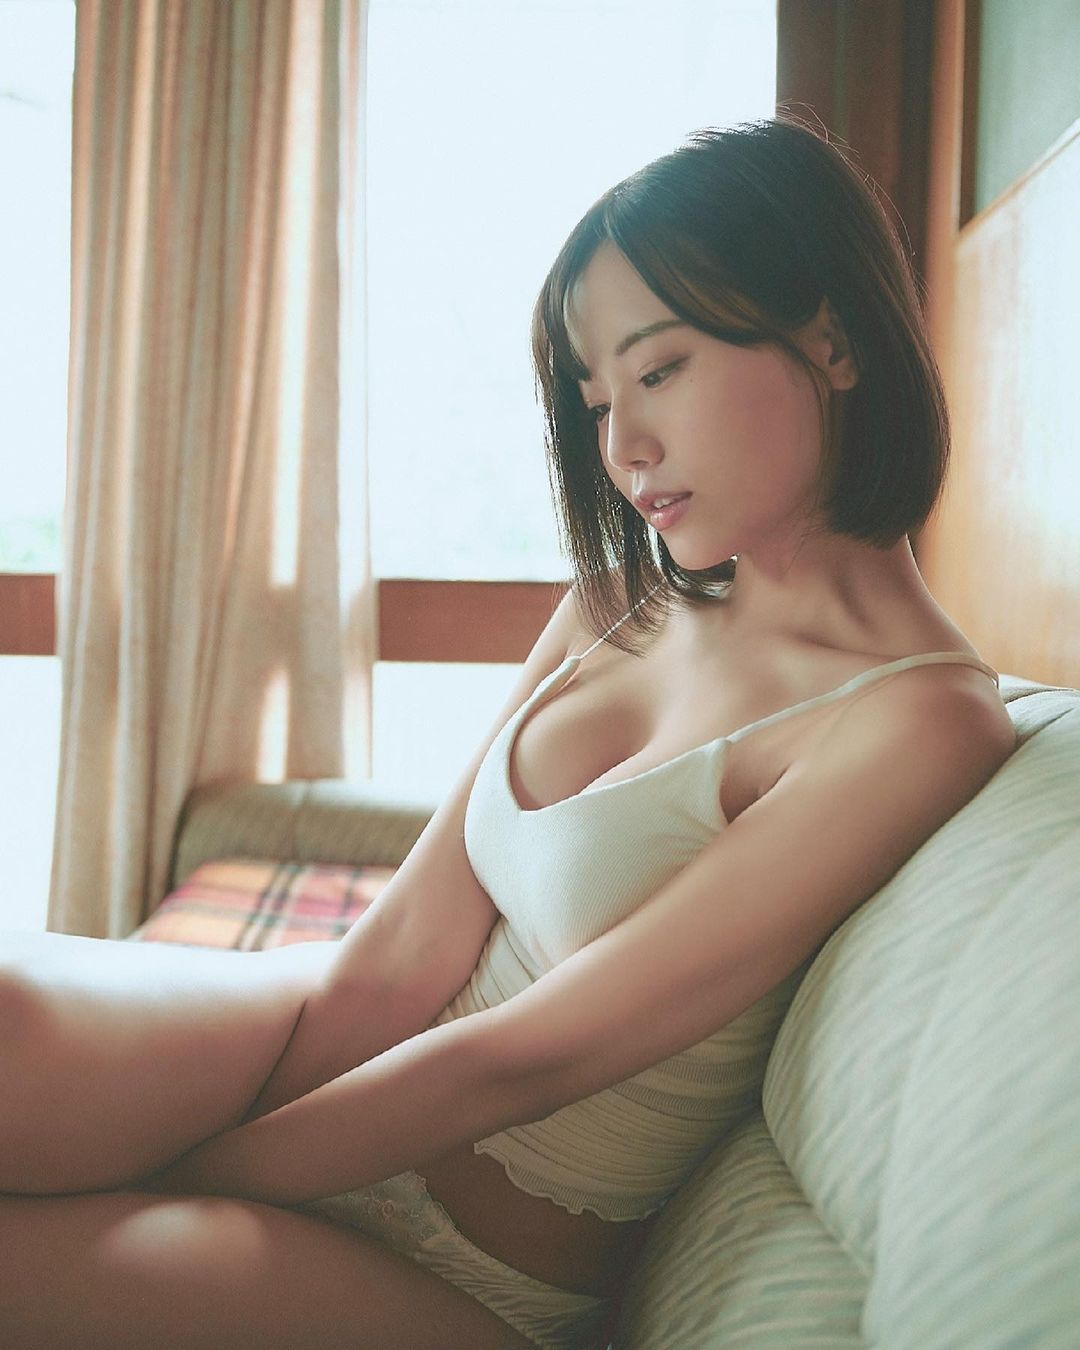 nikaidou_yume_209049622_241623140770051_612265456496326395_n.jpg